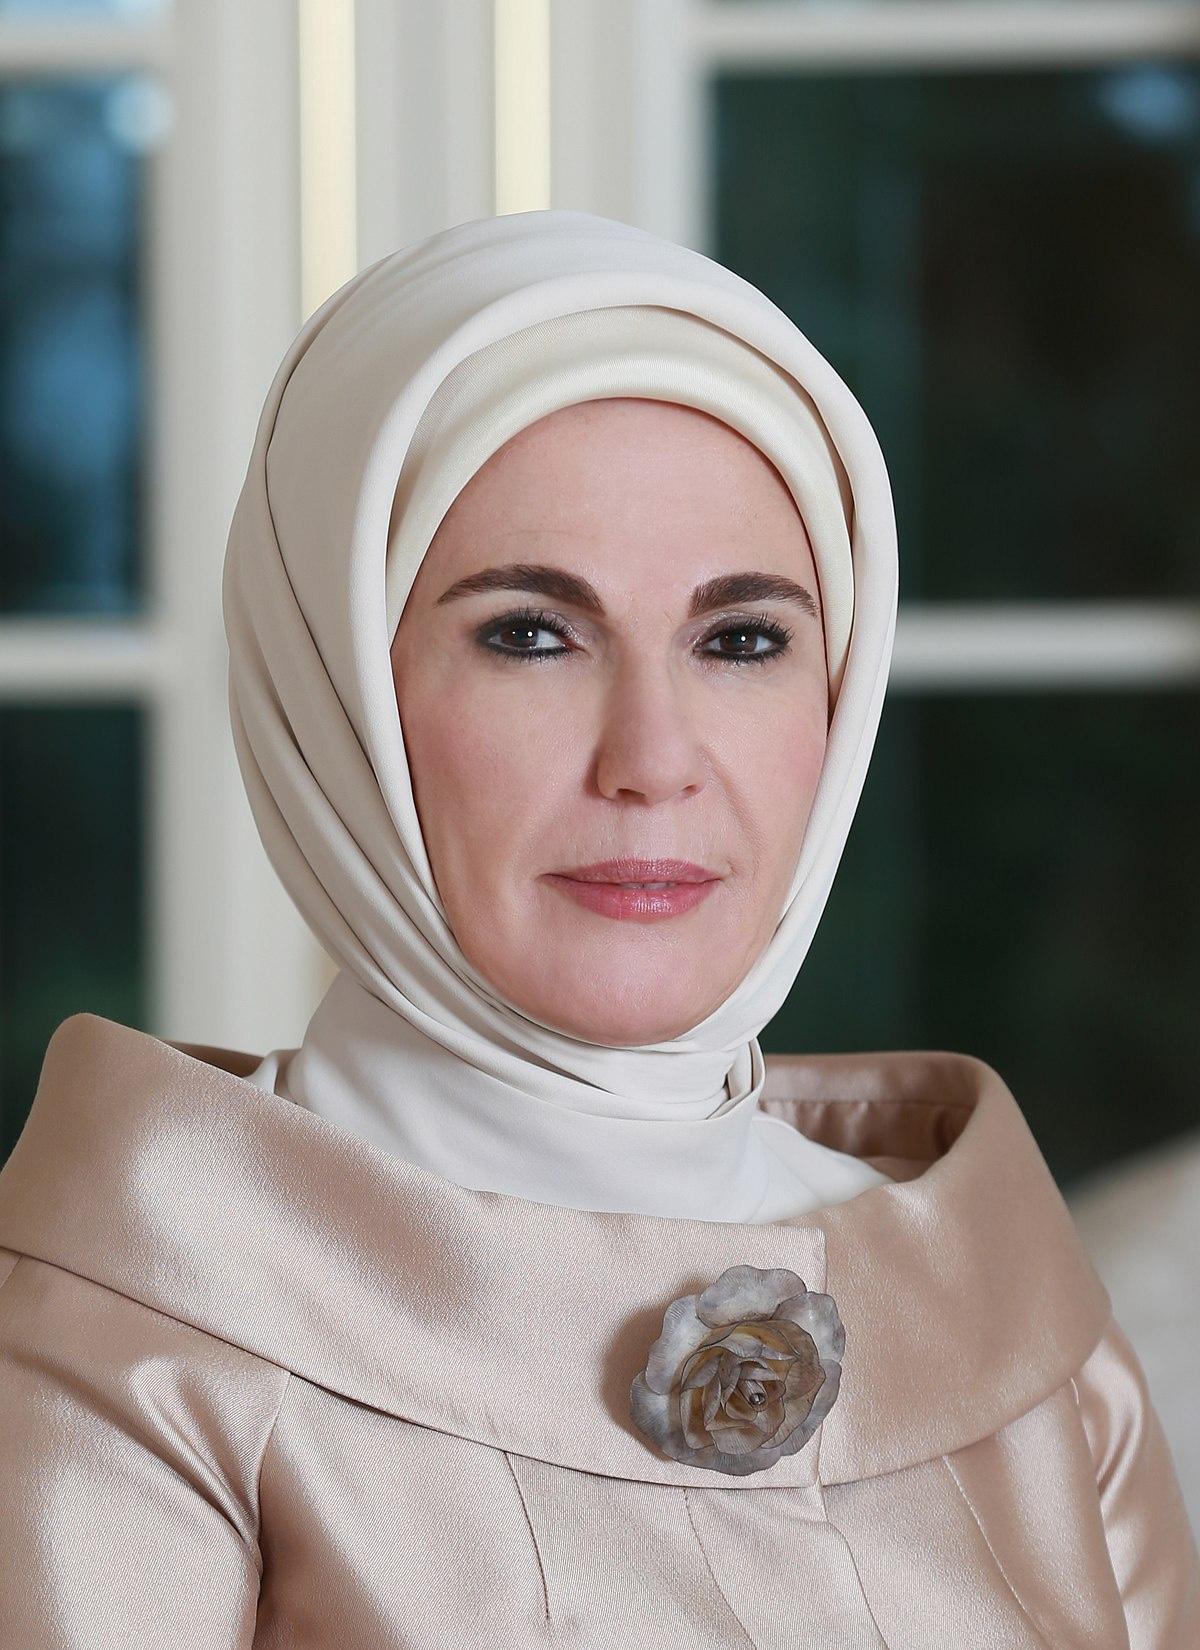 -erdoganova-supruga-medju-10-najuticajnijih-muslimana-u-svetu